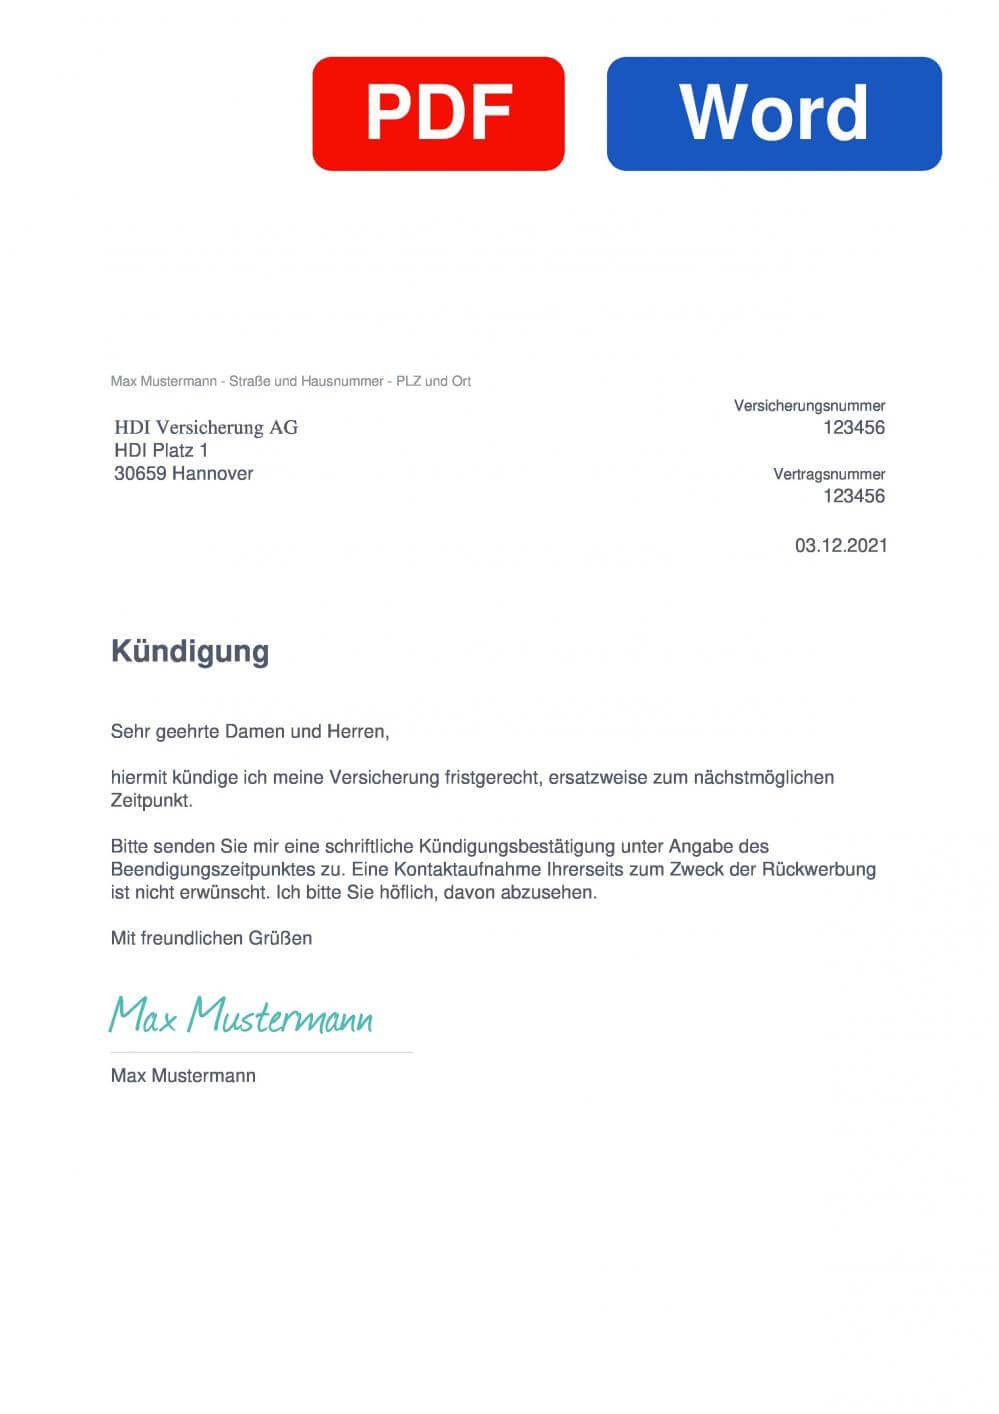 HDI Gerling Muster Vorlage für Kündigungsschreiben